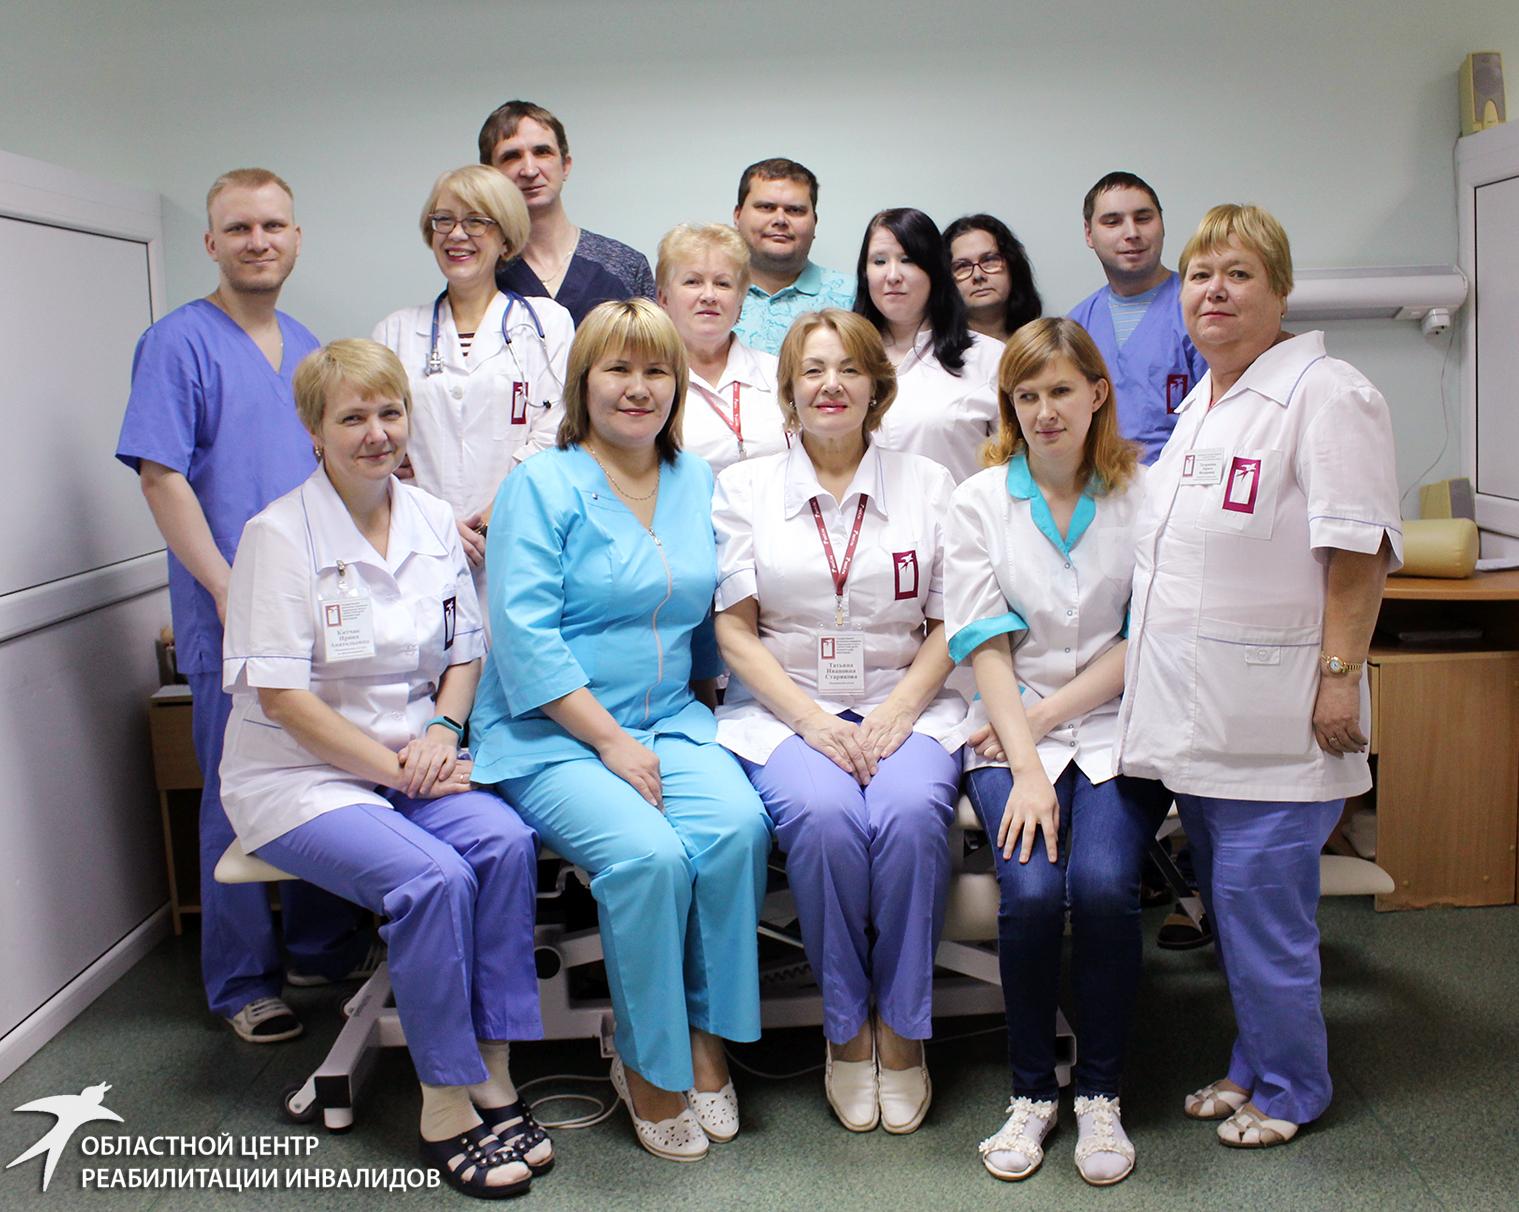 Общее фото сотрудников отделения